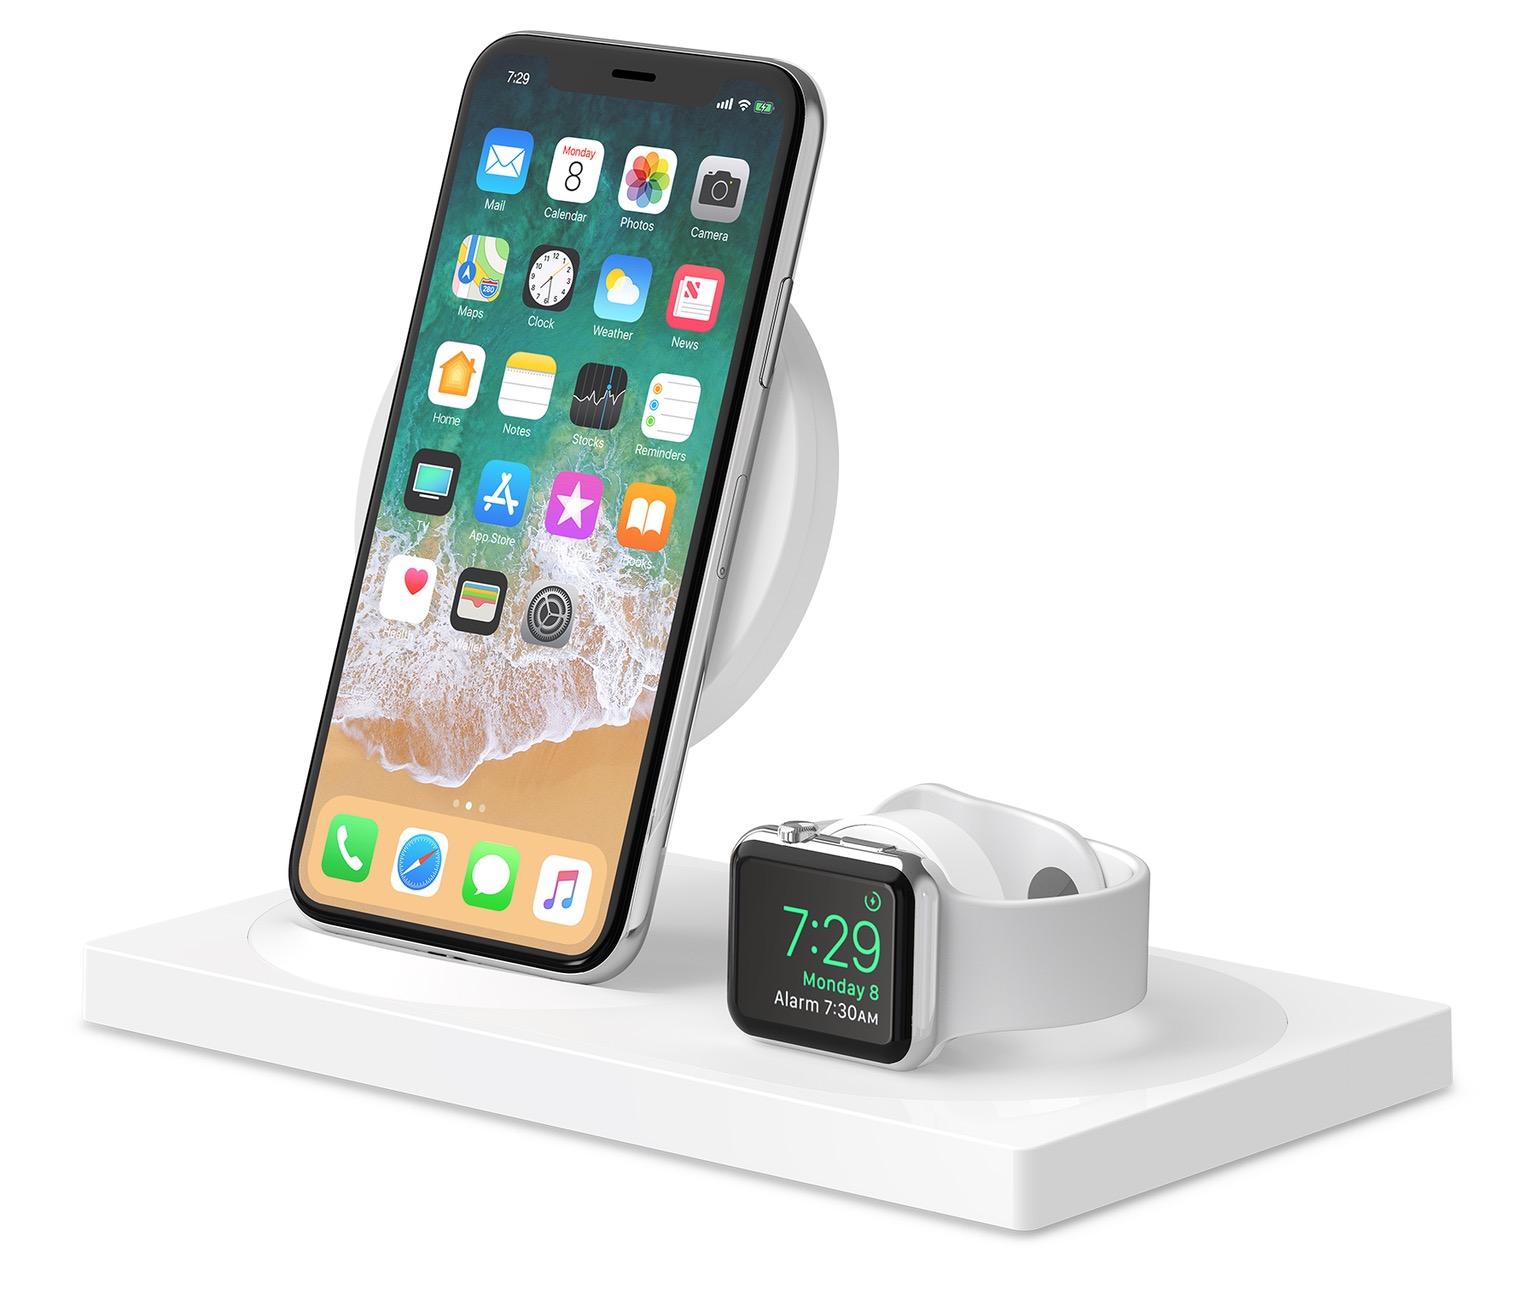 belkin lance un nouveau chargeur sans fil boost up pour l 39 iphone et l 39 apple watch. Black Bedroom Furniture Sets. Home Design Ideas